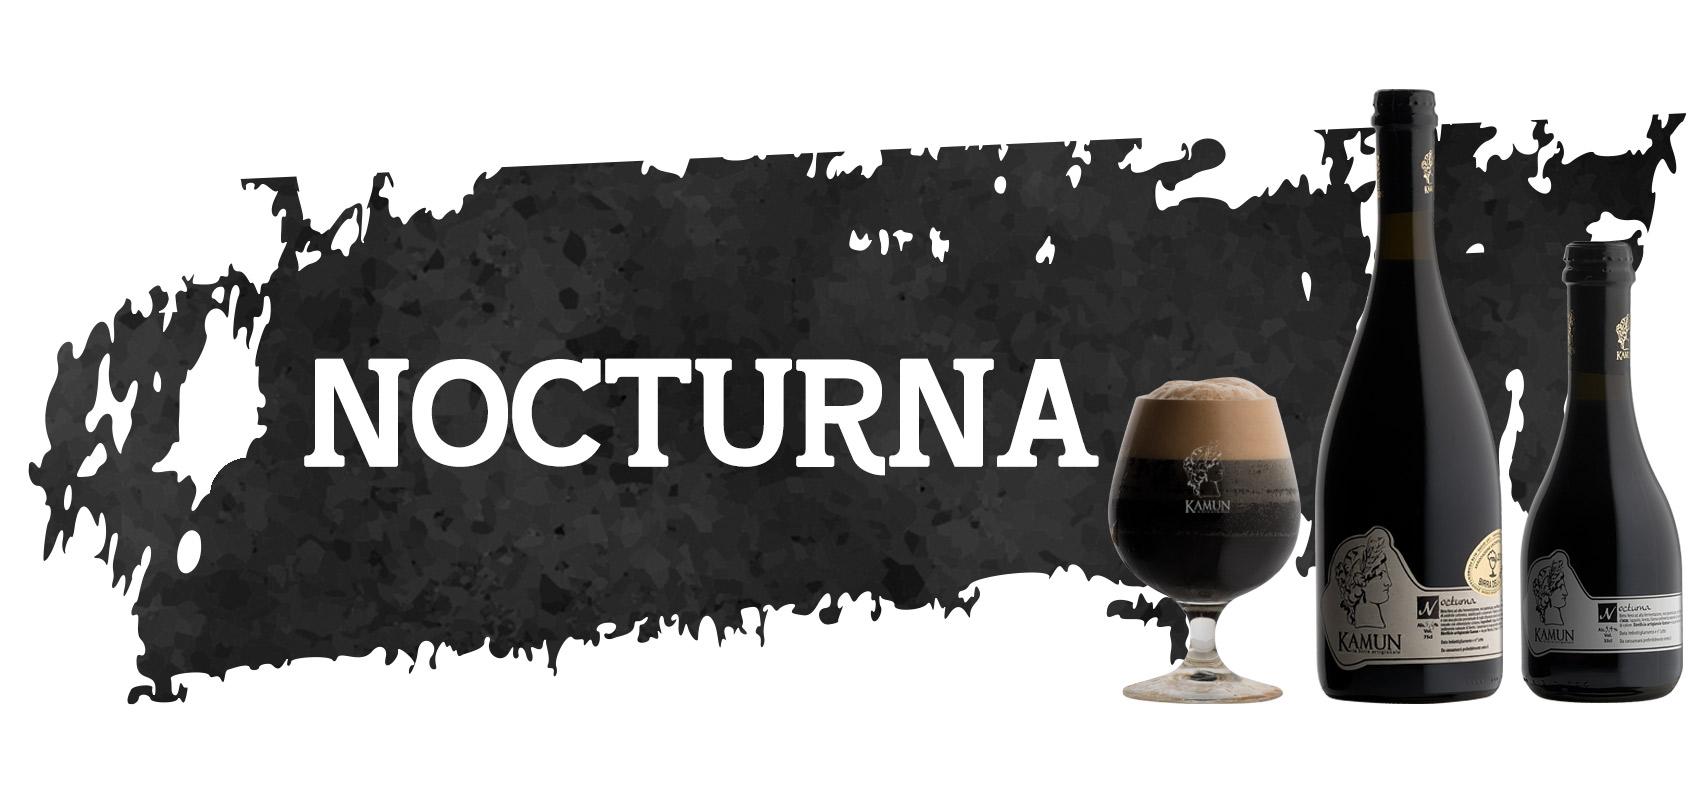 nocturna-title-schiuma